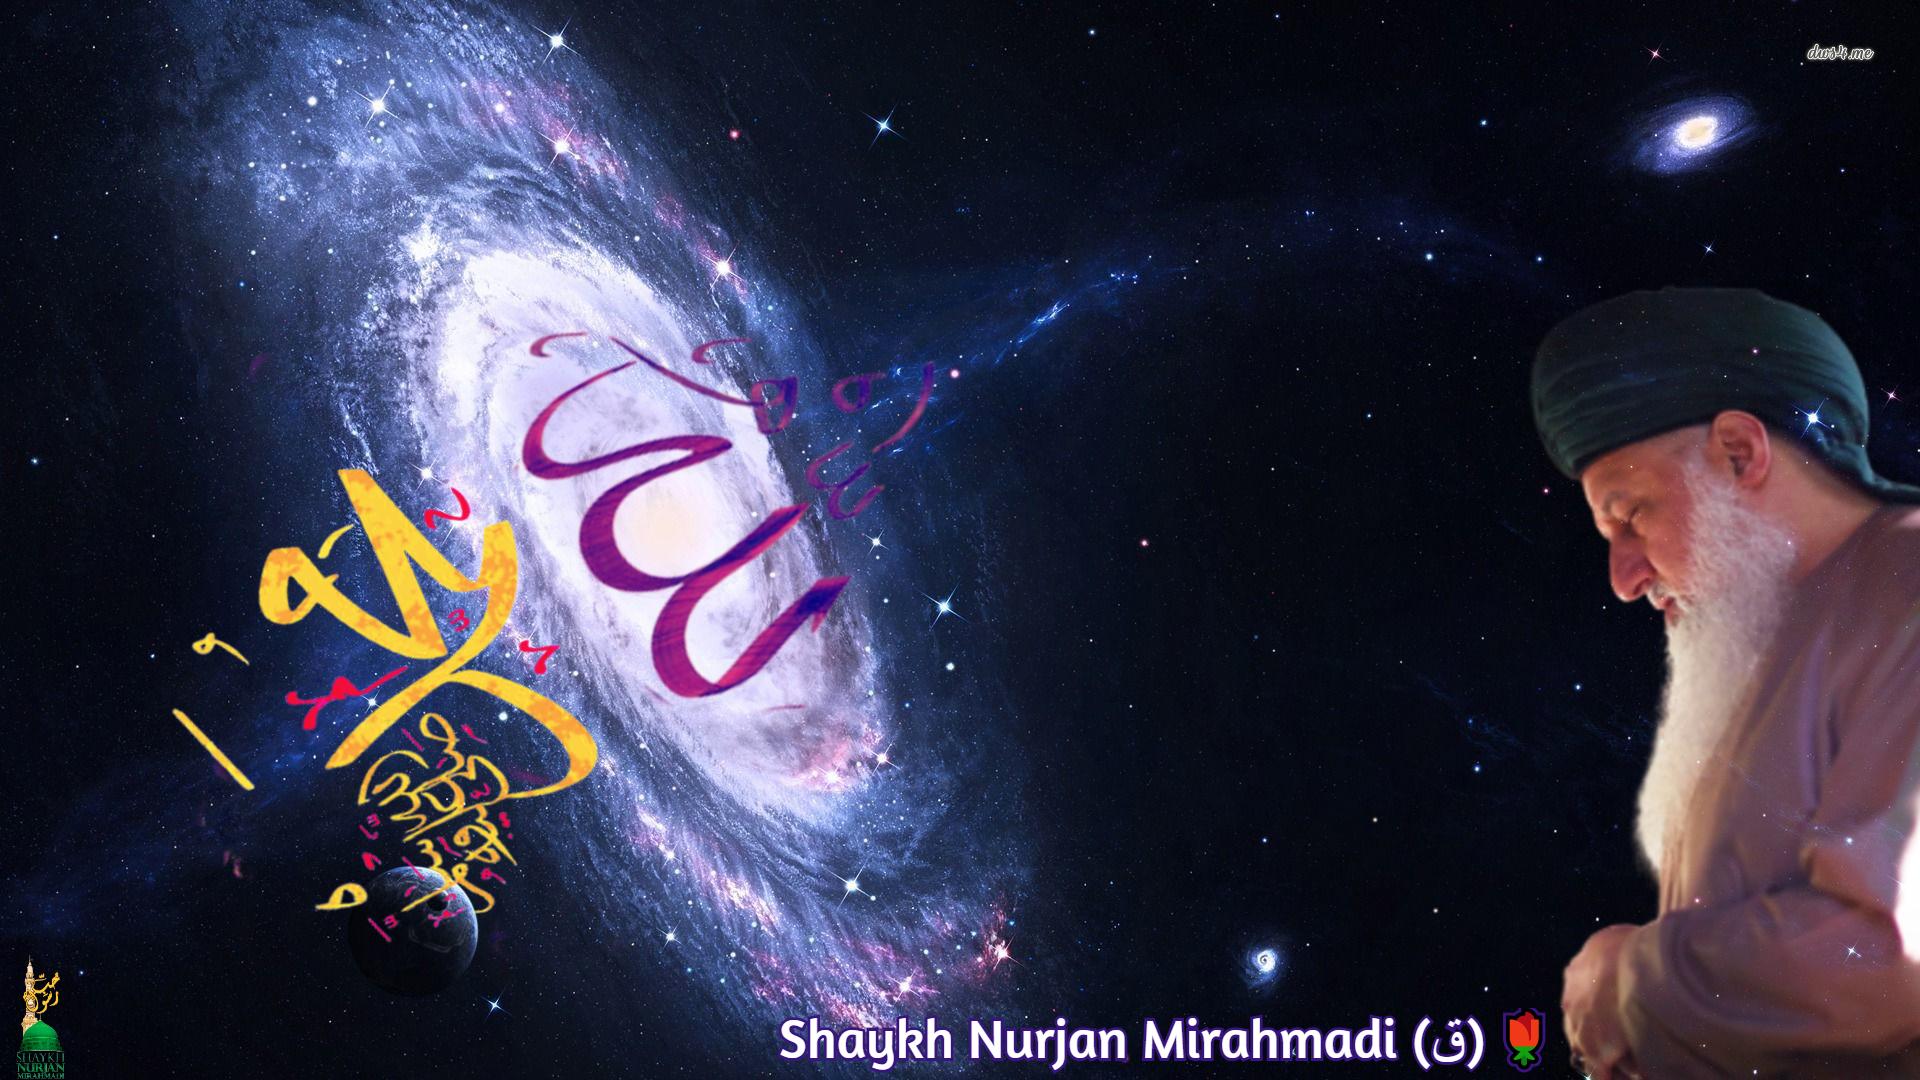 Shaykh Nurjan Mirahmadi, mirroring realilties,